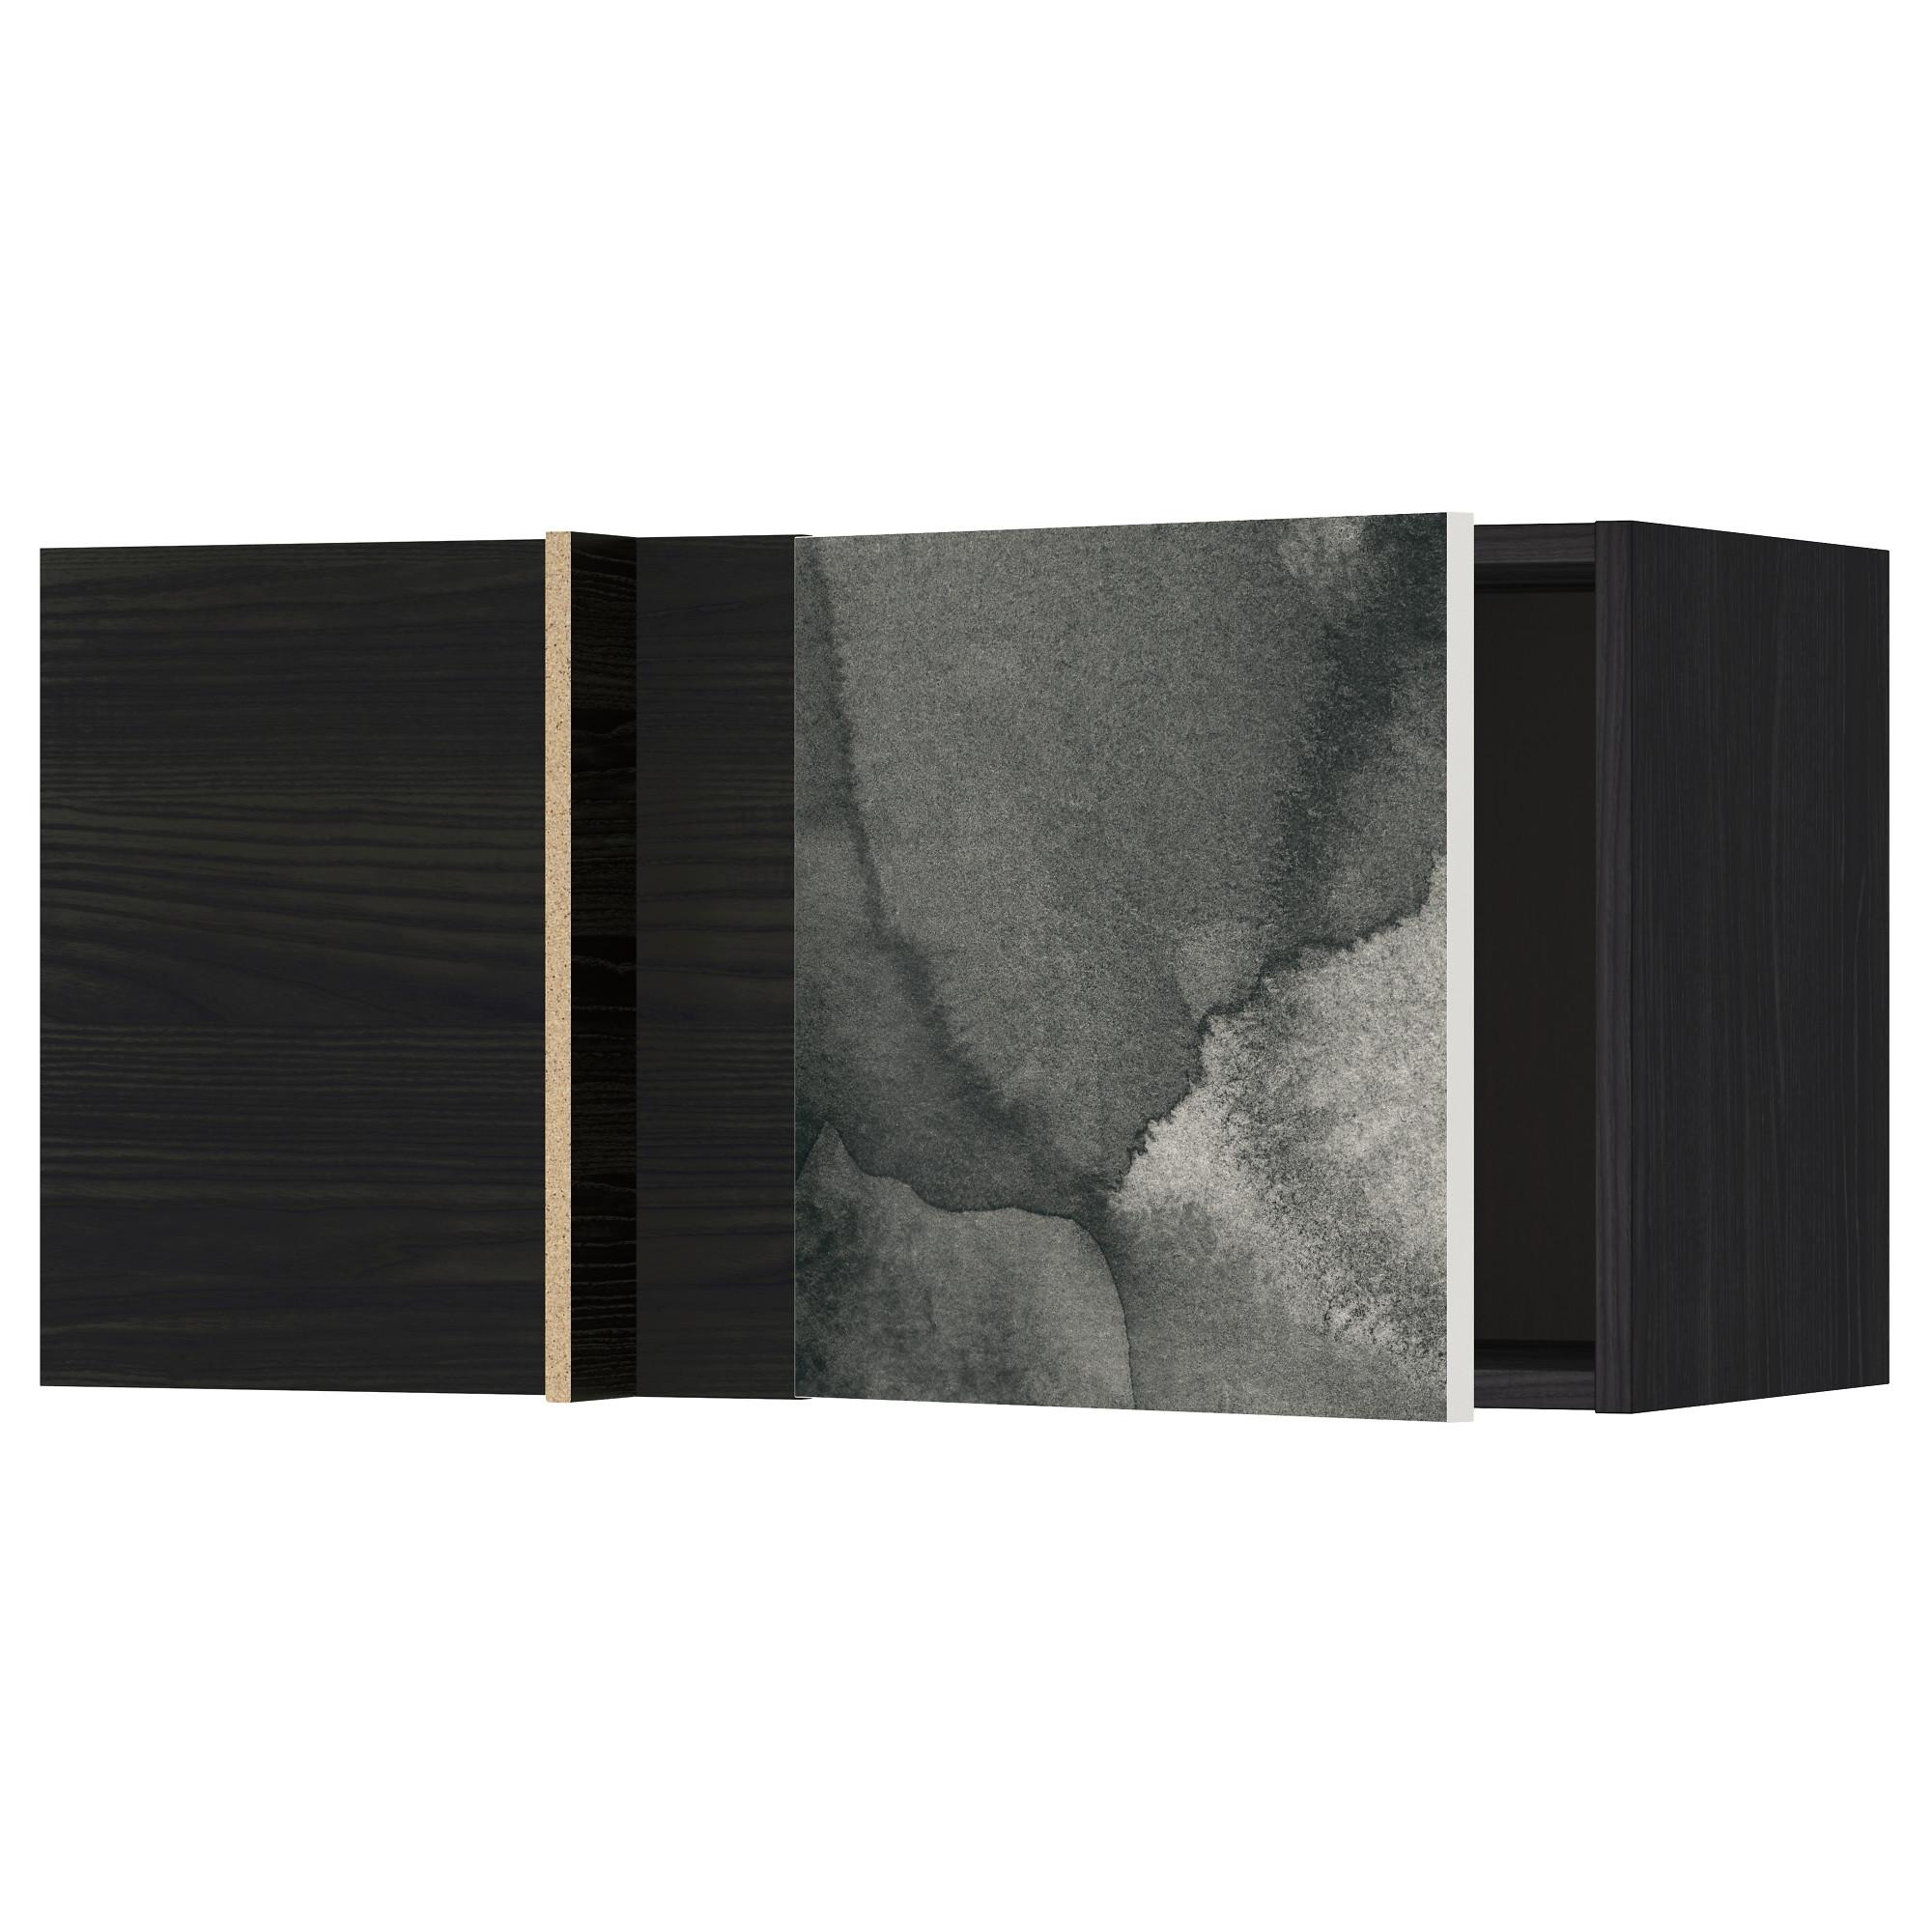 Шкаф навесной угловой МЕТОД черный артикуль № 692.320.26 в наличии. Интернет магазин IKEA Республика Беларусь. Недорогая доставка и установка.